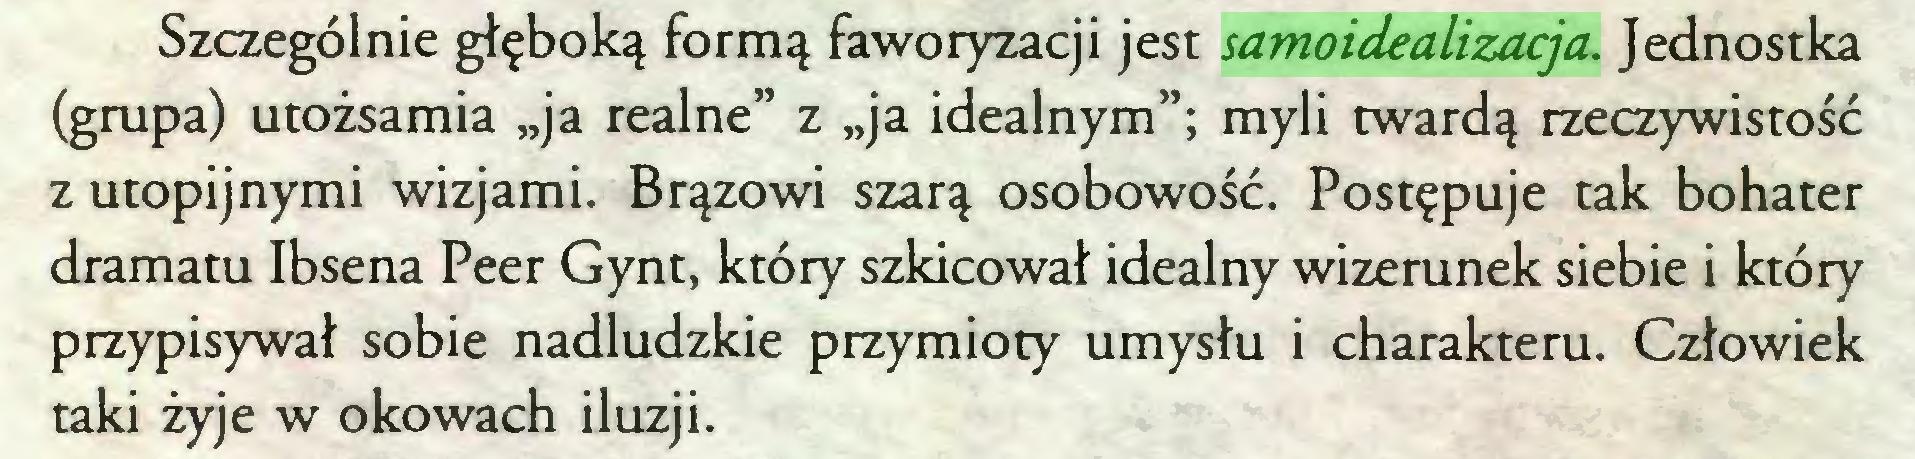 """(...) Szczególnie głęboką formą faworyzacji jest samoidealizacja. Jednostka (grupa) utożsamia """"ja realne"""" z """"ja idealnym""""; myli twardą rzeczywistość z utopijnymi wizjami. Brązowi szarą osobowość. Postępuje tak bohater dramatu Ibsena Peer Gynt, który szkicował idealny wizerunek siebie i który przypisywał sobie nadludzkie przymioty umysłu i charakteru. Człowiek taki żyje w okowach iluzji..."""